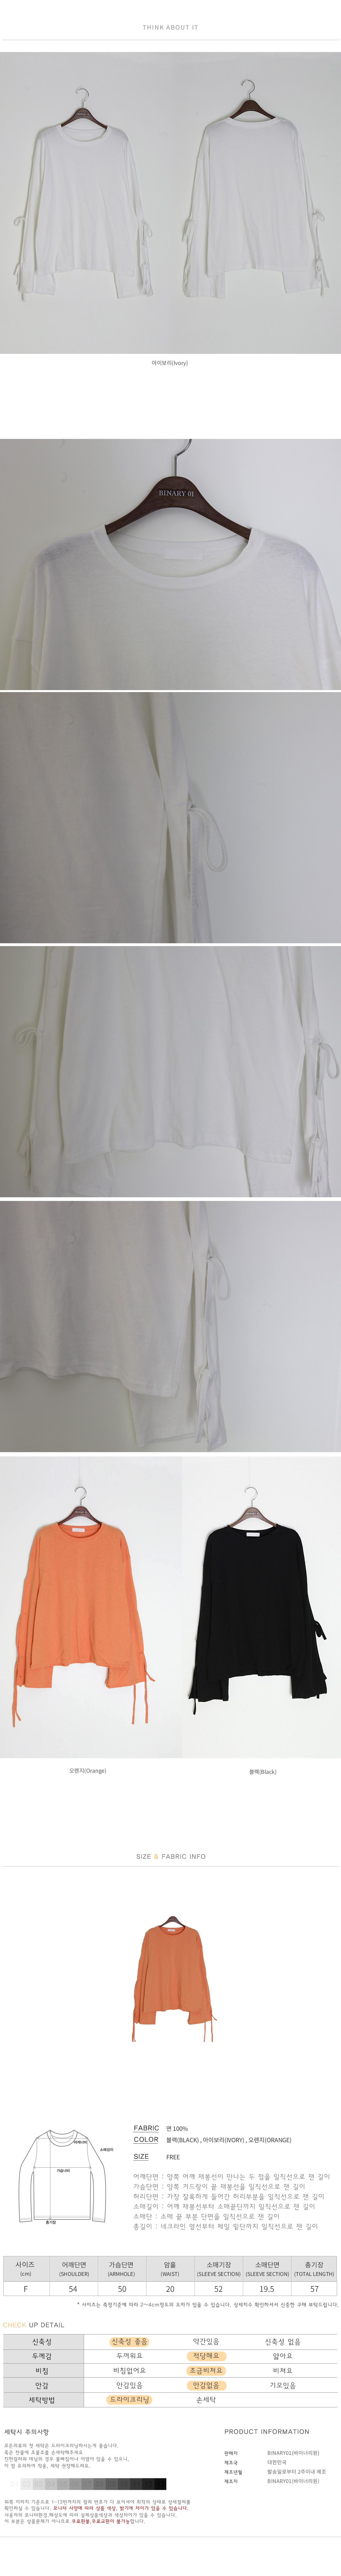 트임 리본 와이드티셔츠